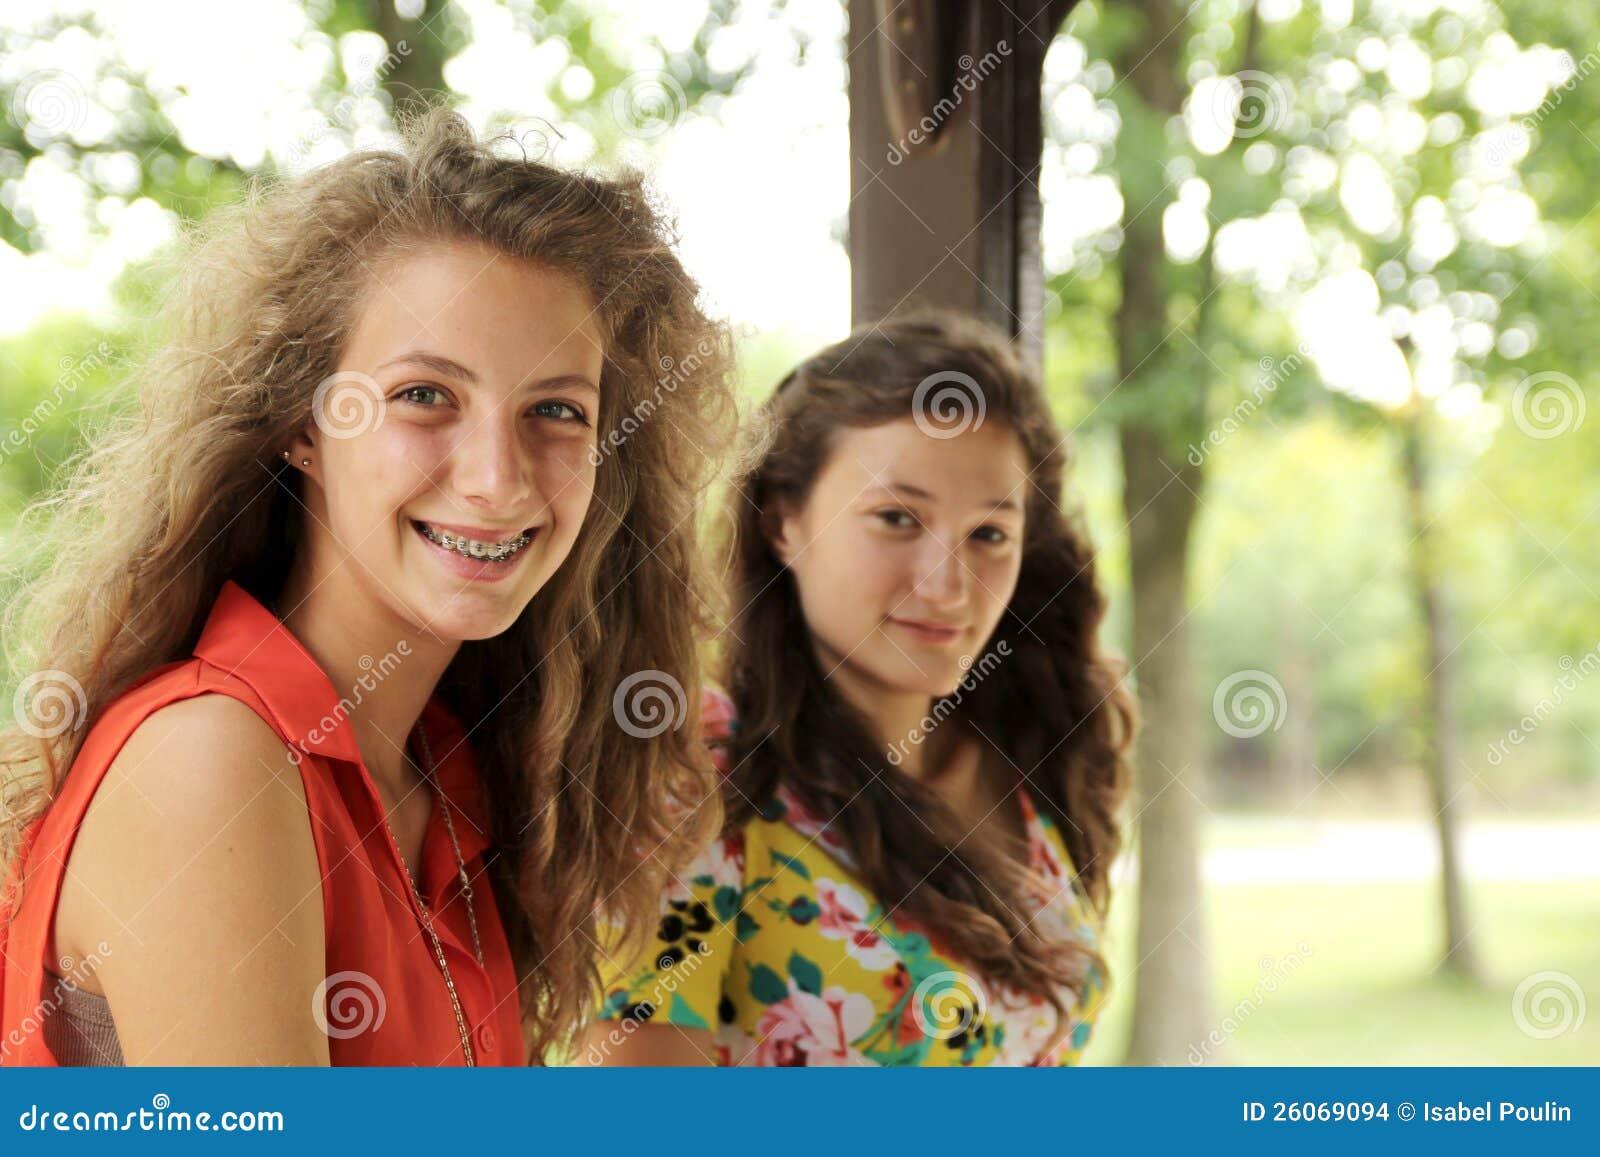 Χαμόγελο teens